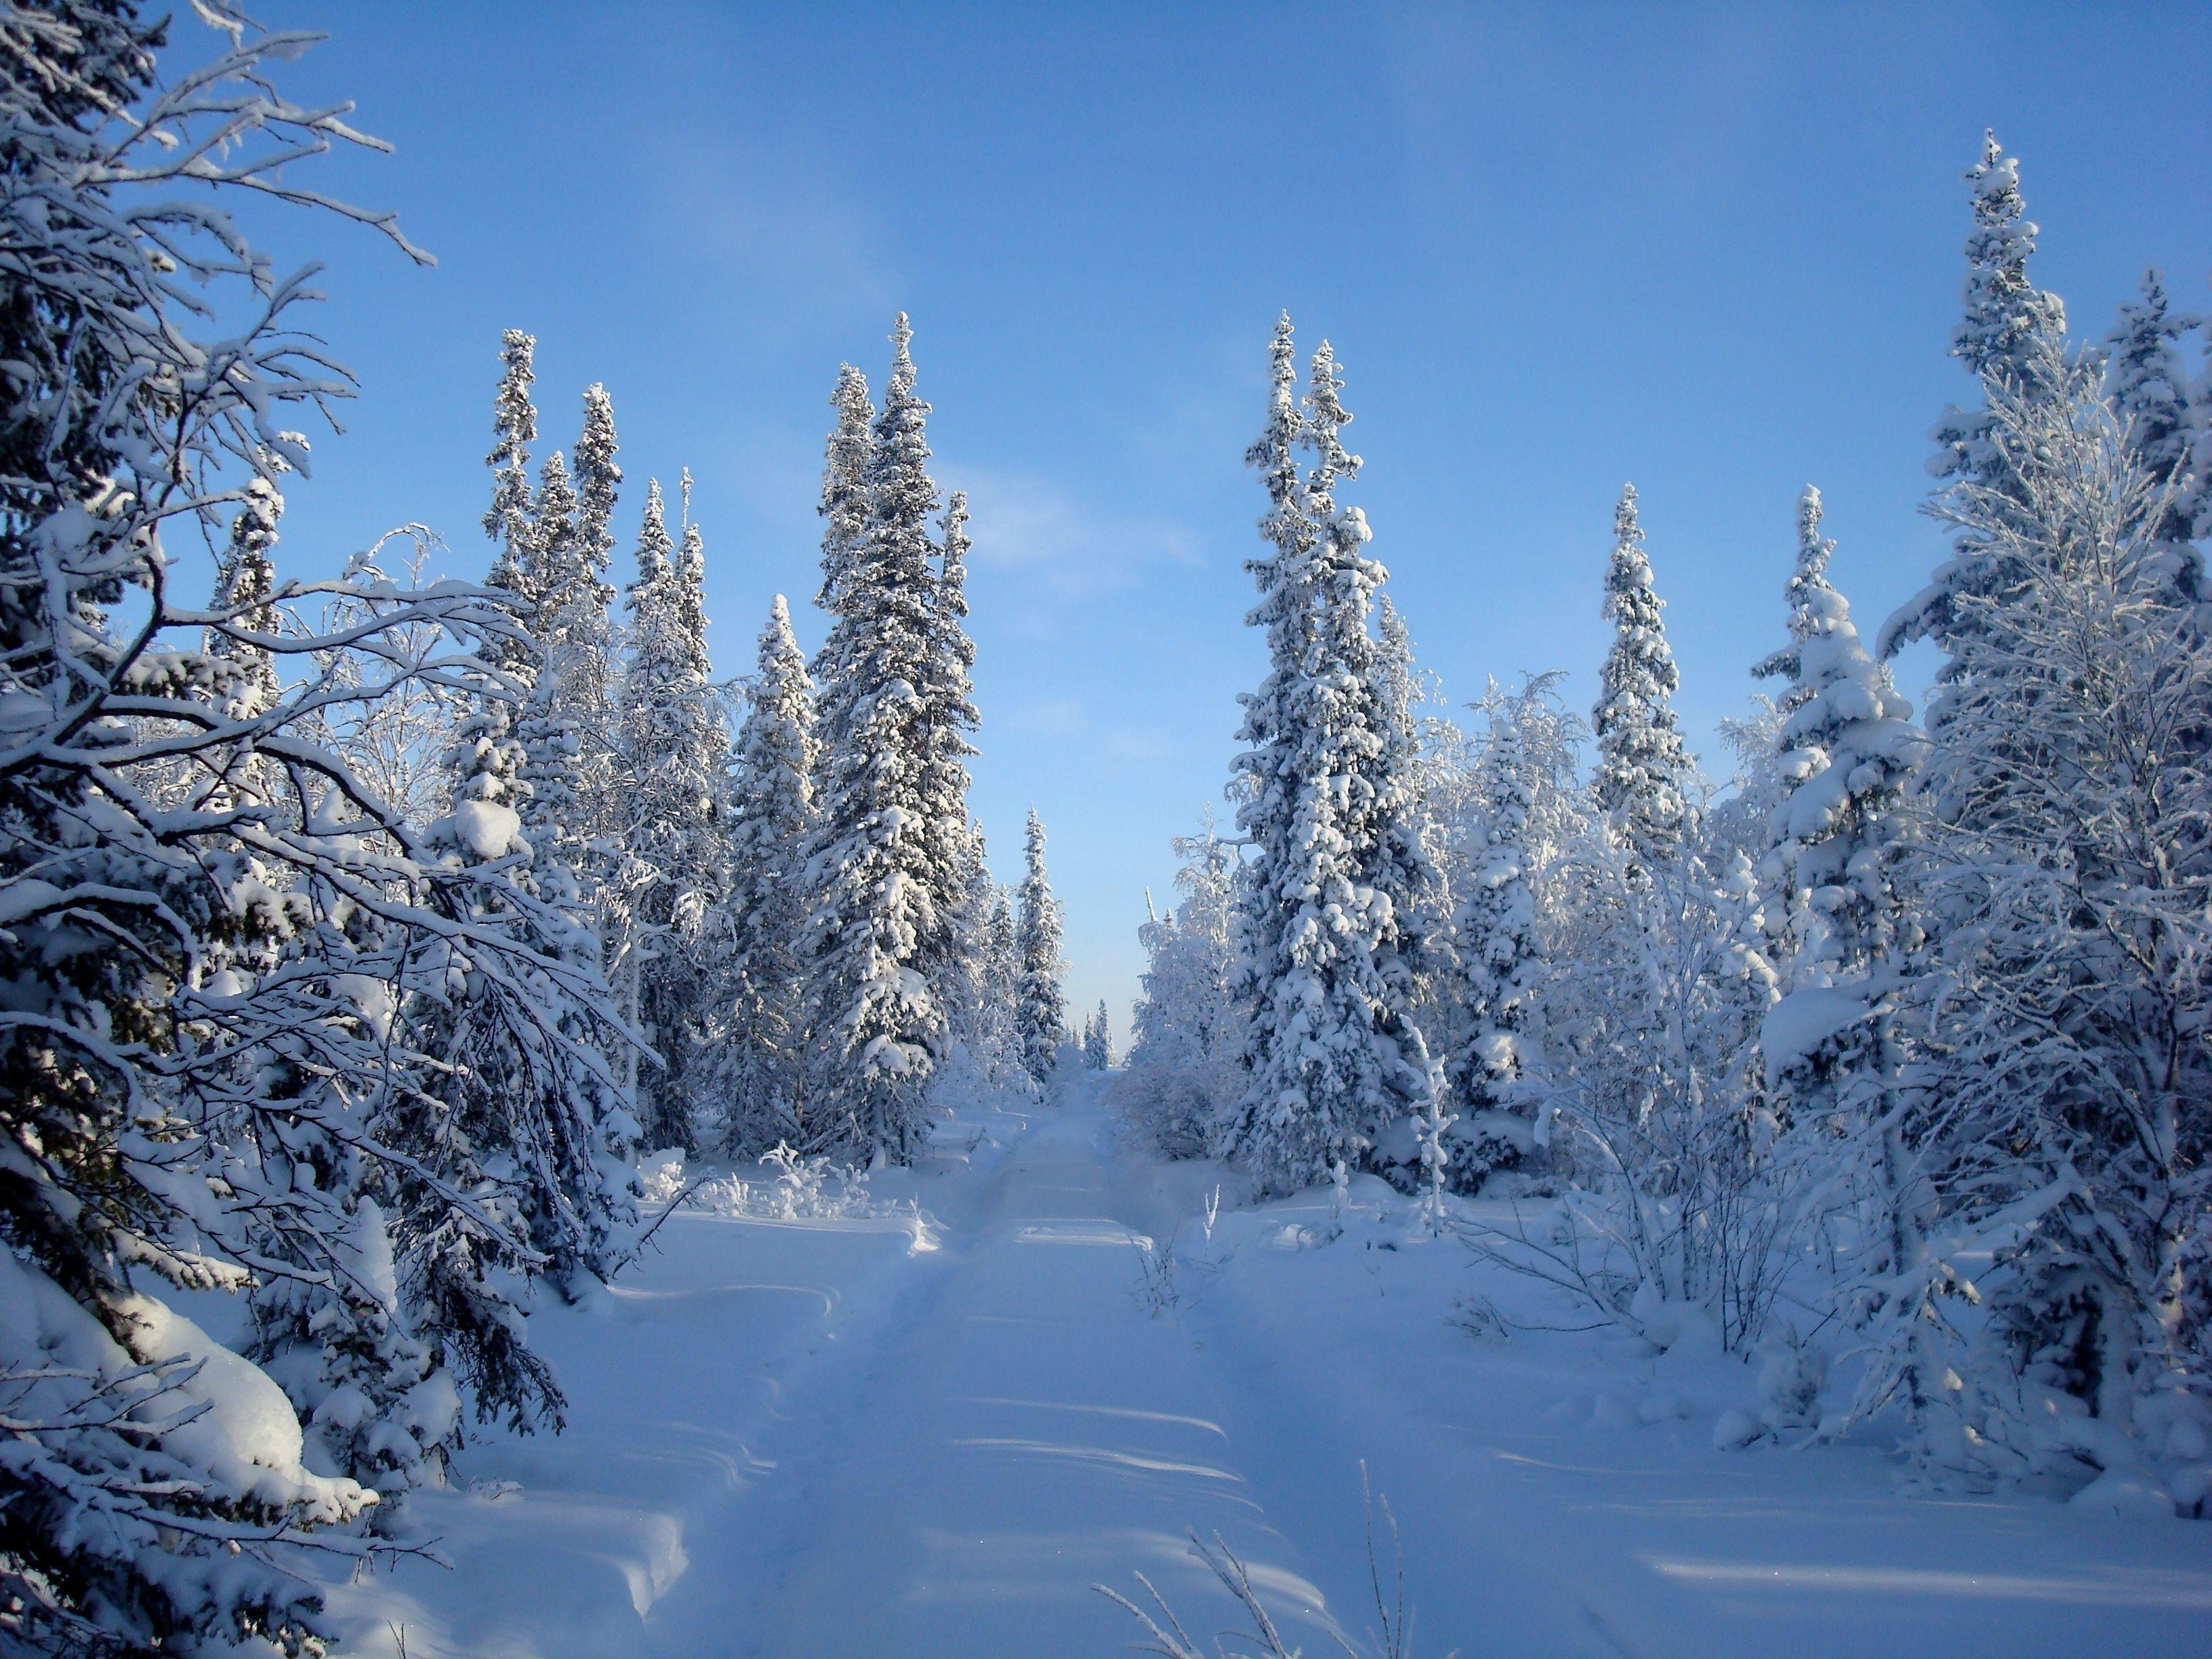 про зиму с картинками шесть стран мире